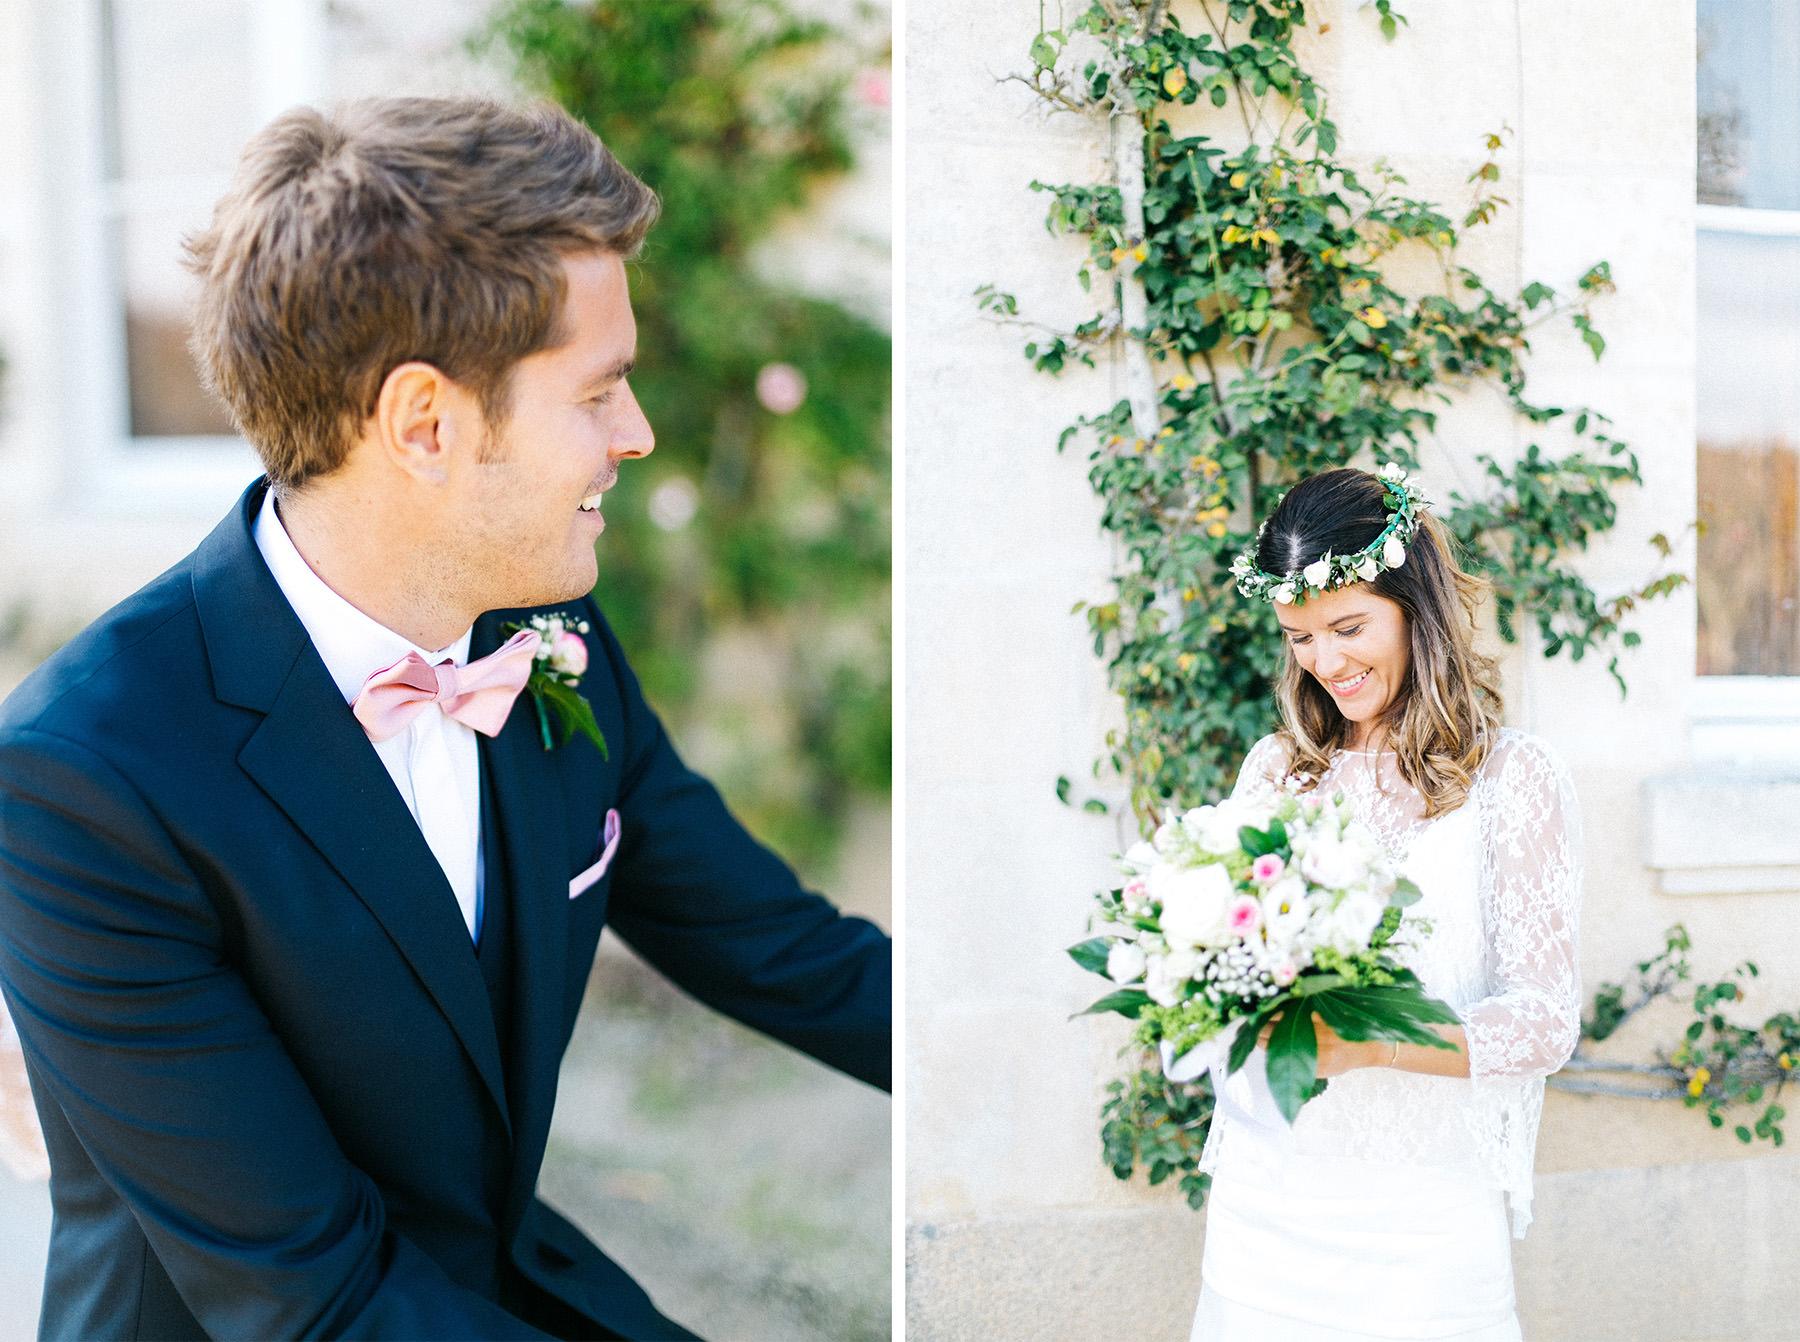 photographe-mariage-la-roche-sur-yon-27